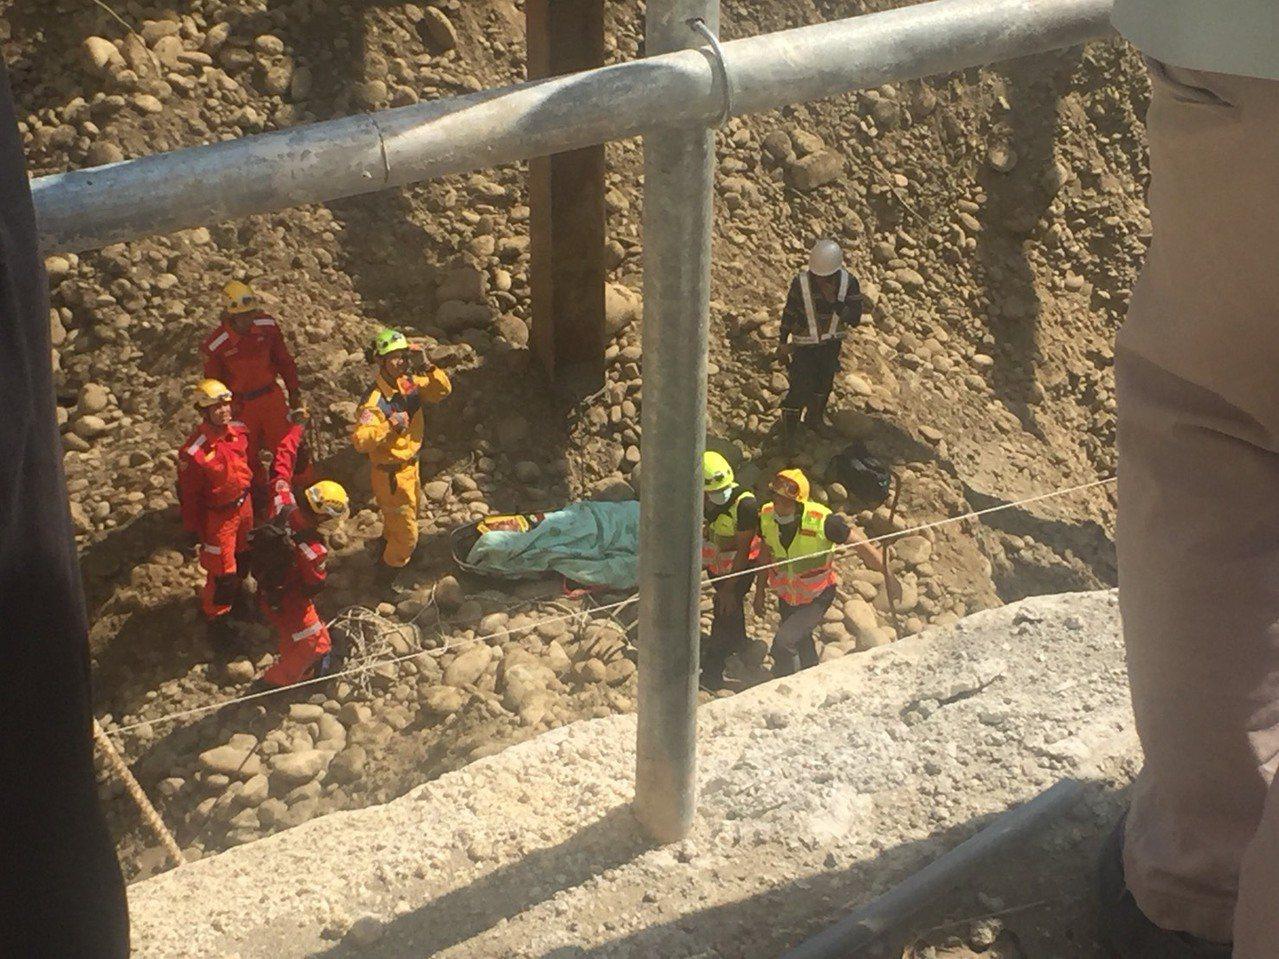 徐姓工人除了臉部撕裂傷,另頭部和胸部也受傷,所幸意識清楚。照片/台中市消防局提供